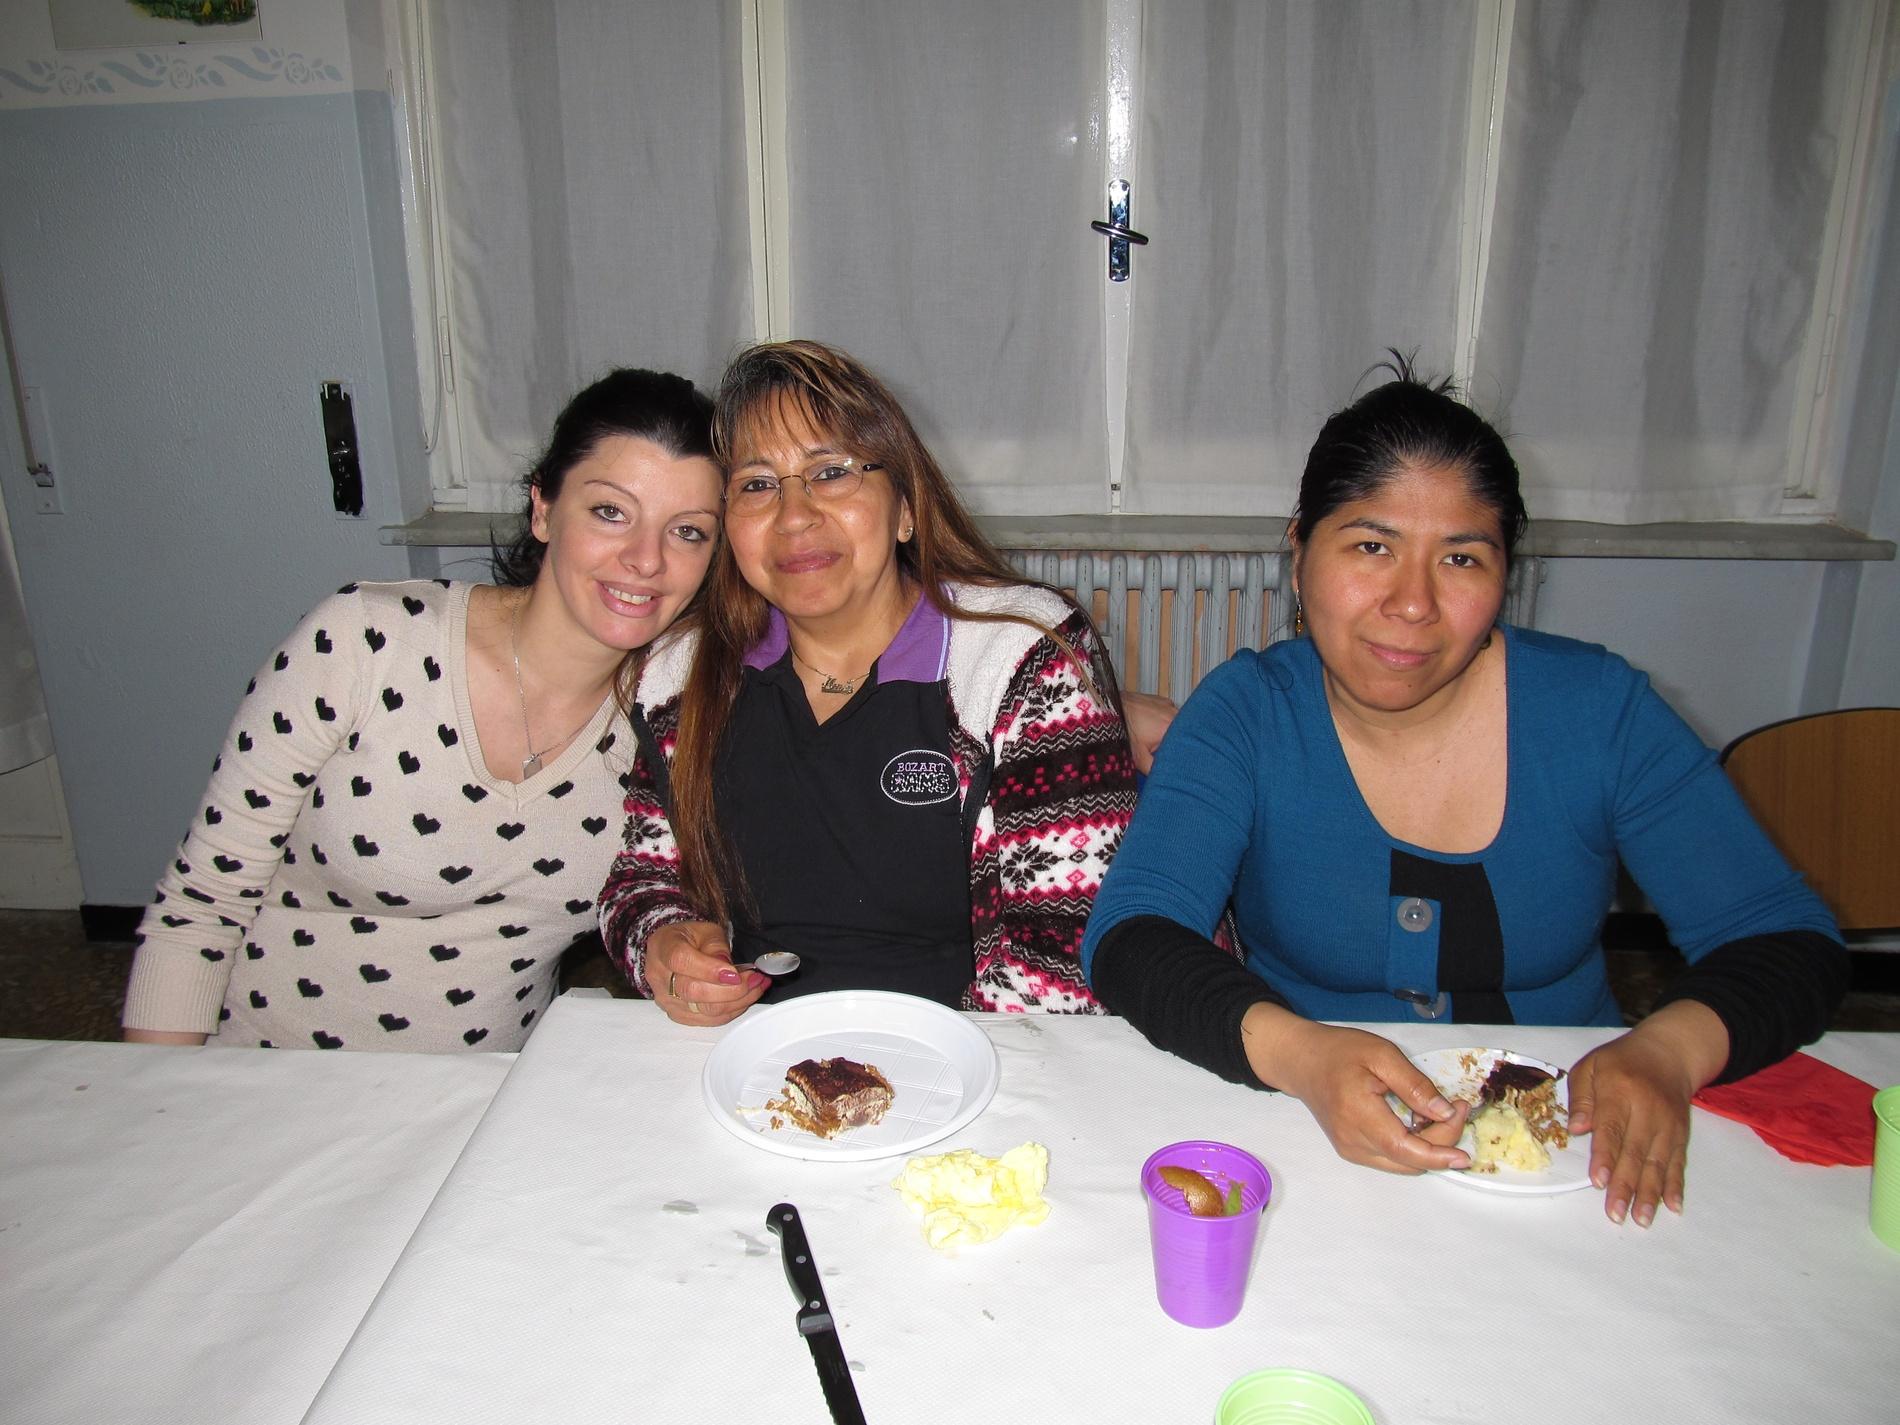 cena-famiglie-prima-comunione-2015-04-17-21-04-41_0